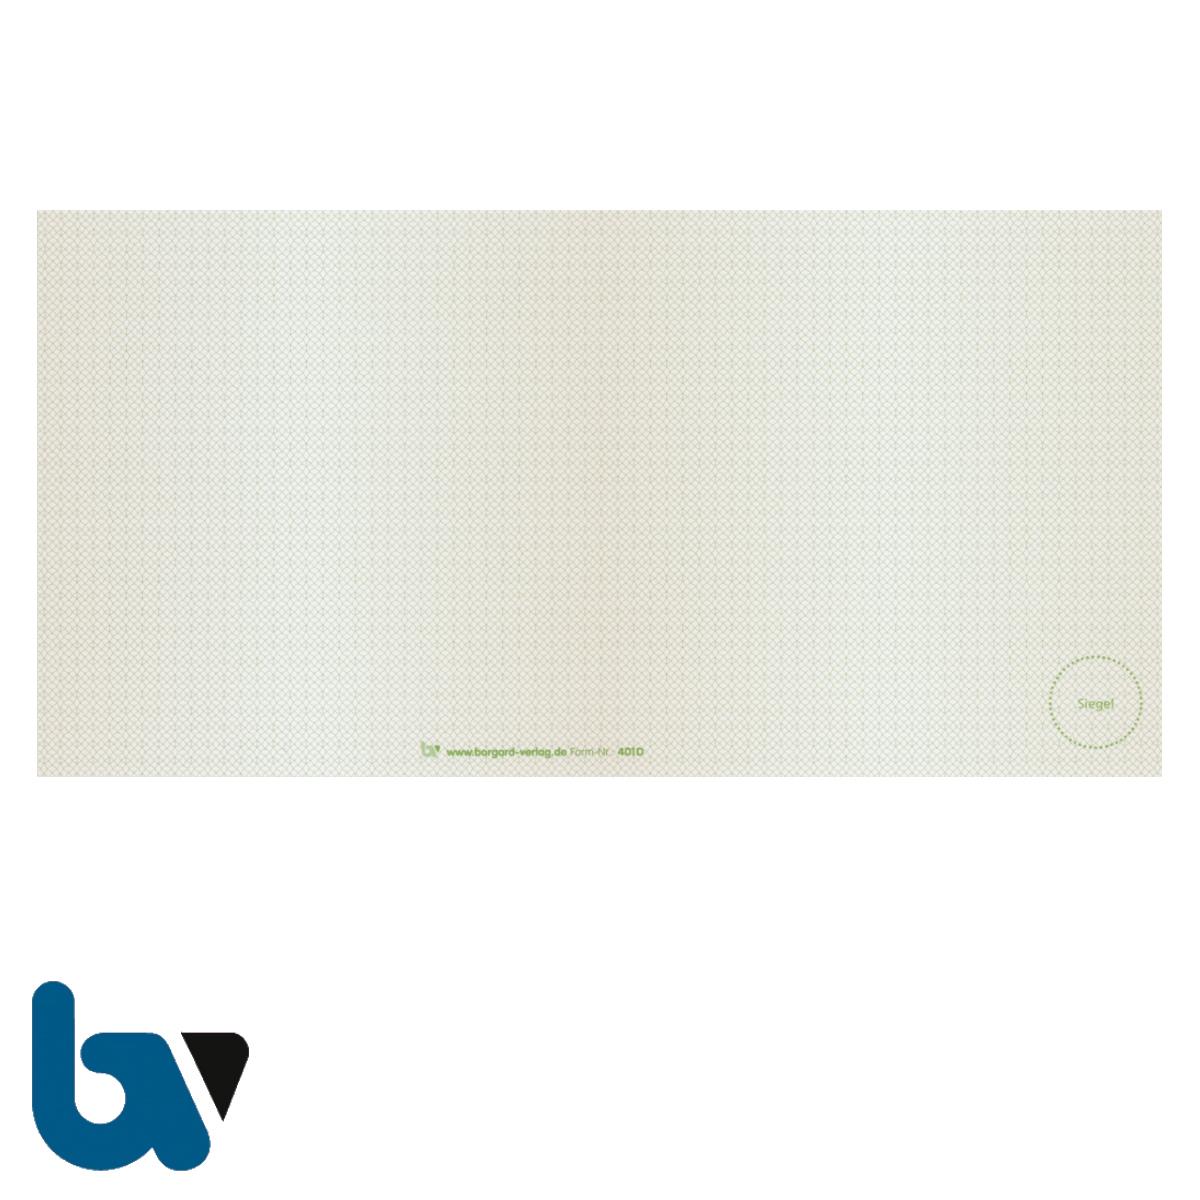 401 D Beiblatt Zulassungsbescheinigung Teil 1 Fahrzeugschein Pretex Guilloche zweifarbig grün braun 210 105 | Borgard Verlag GmbH